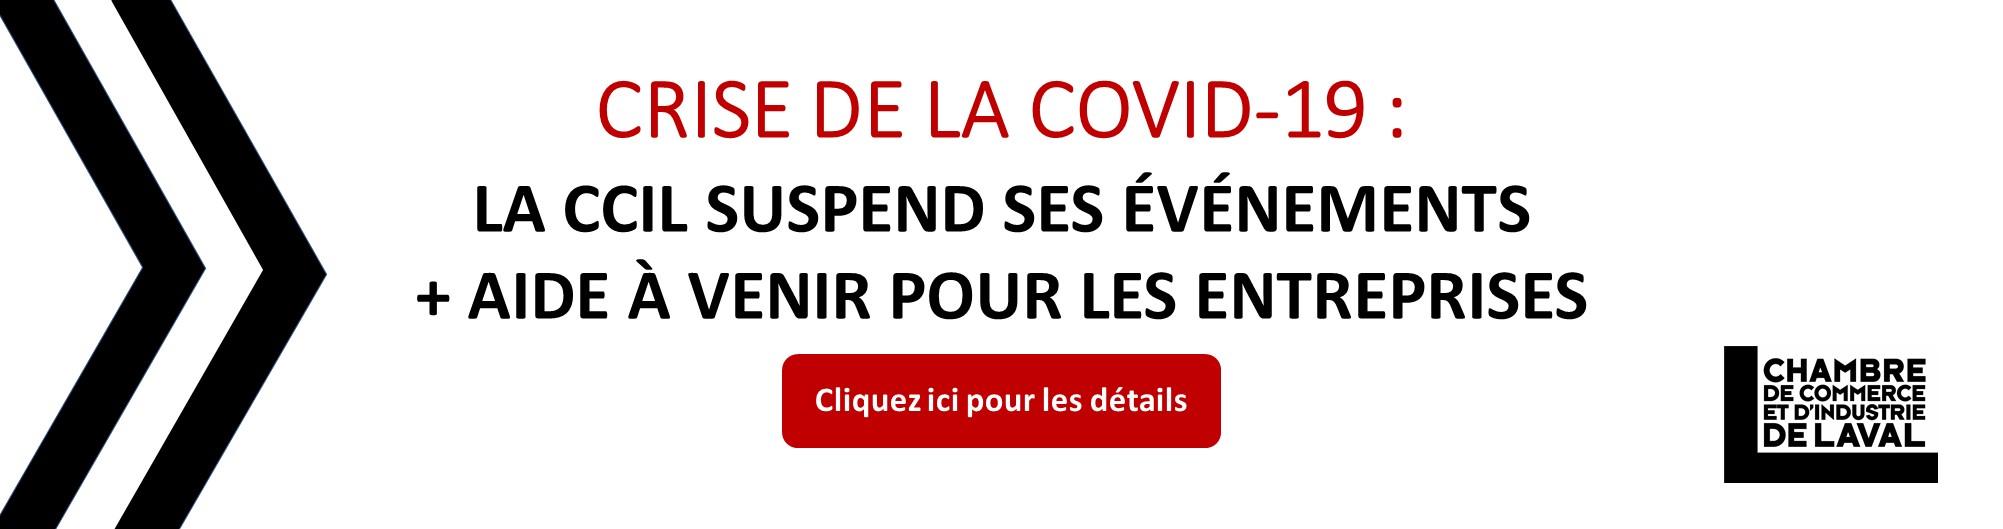 COVID-19-4